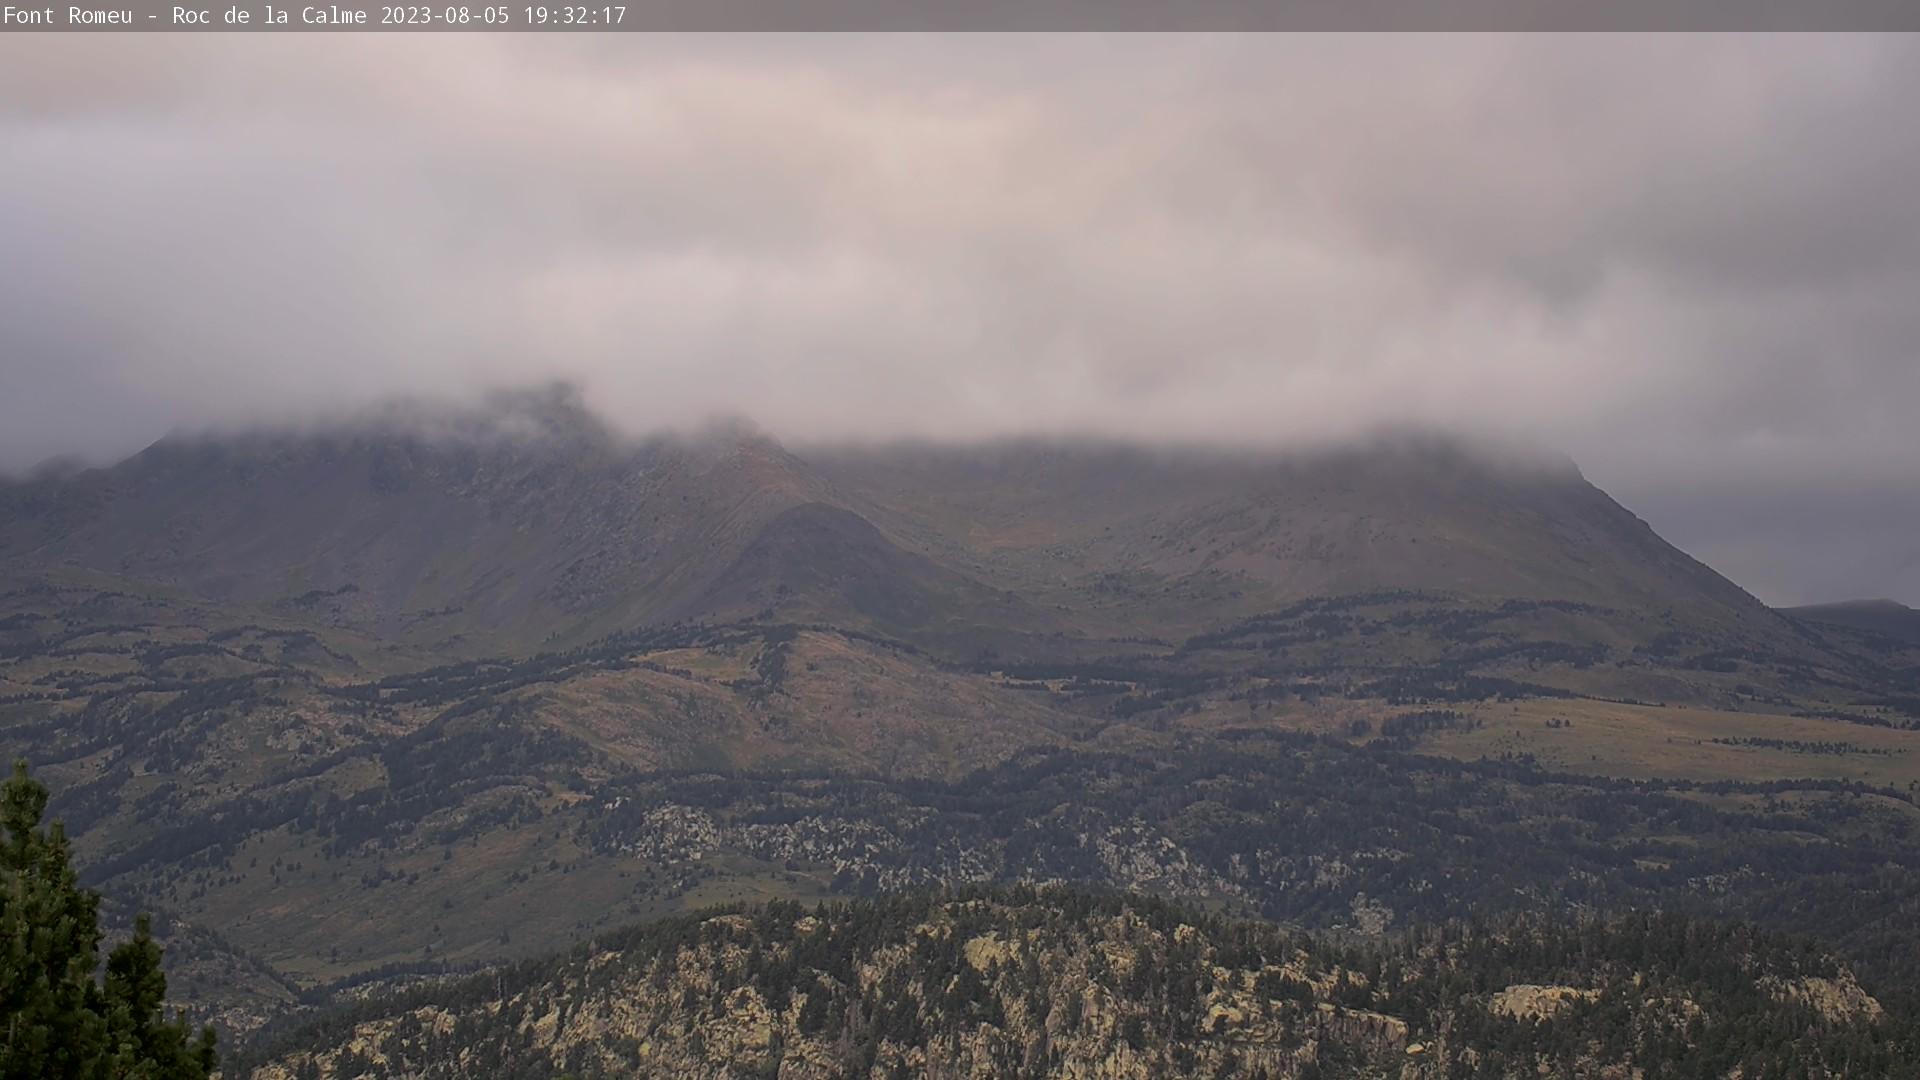 Webcam de Panoramique de la Station